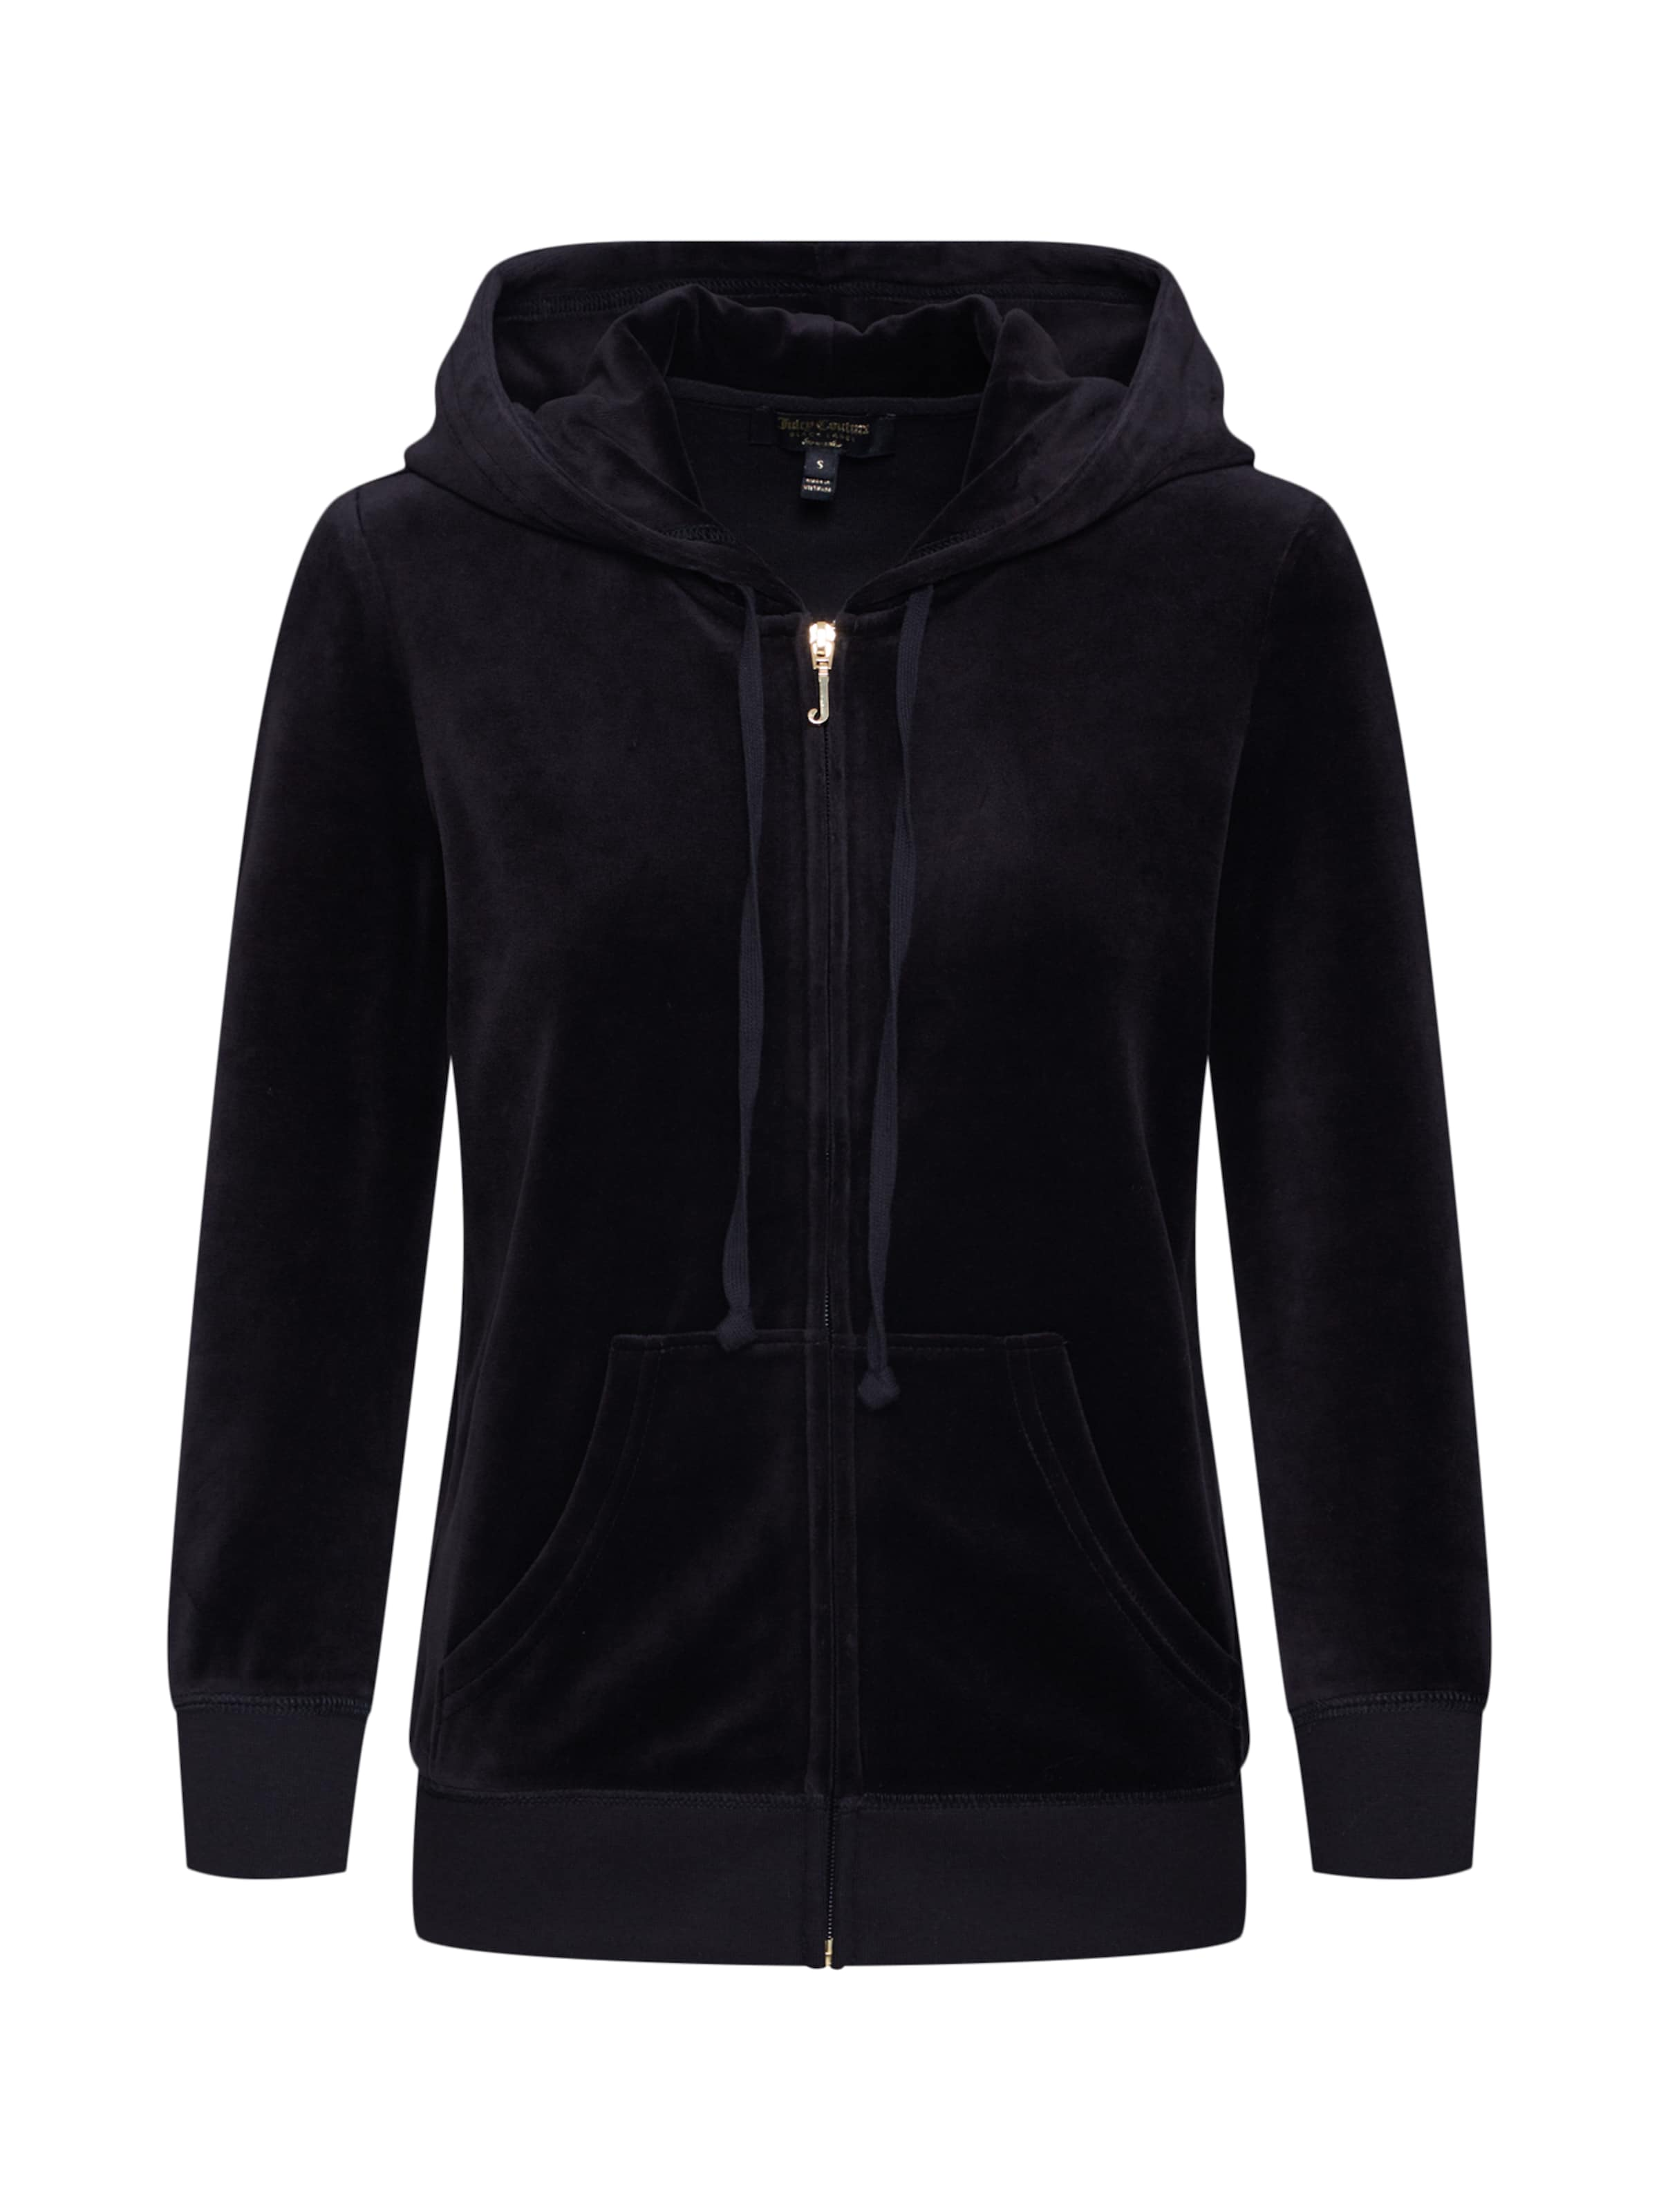 Noir Black En Survêtement De '3 Veste Juicy Couture Robertson' Label 4 Slv cj54ARS3Lq